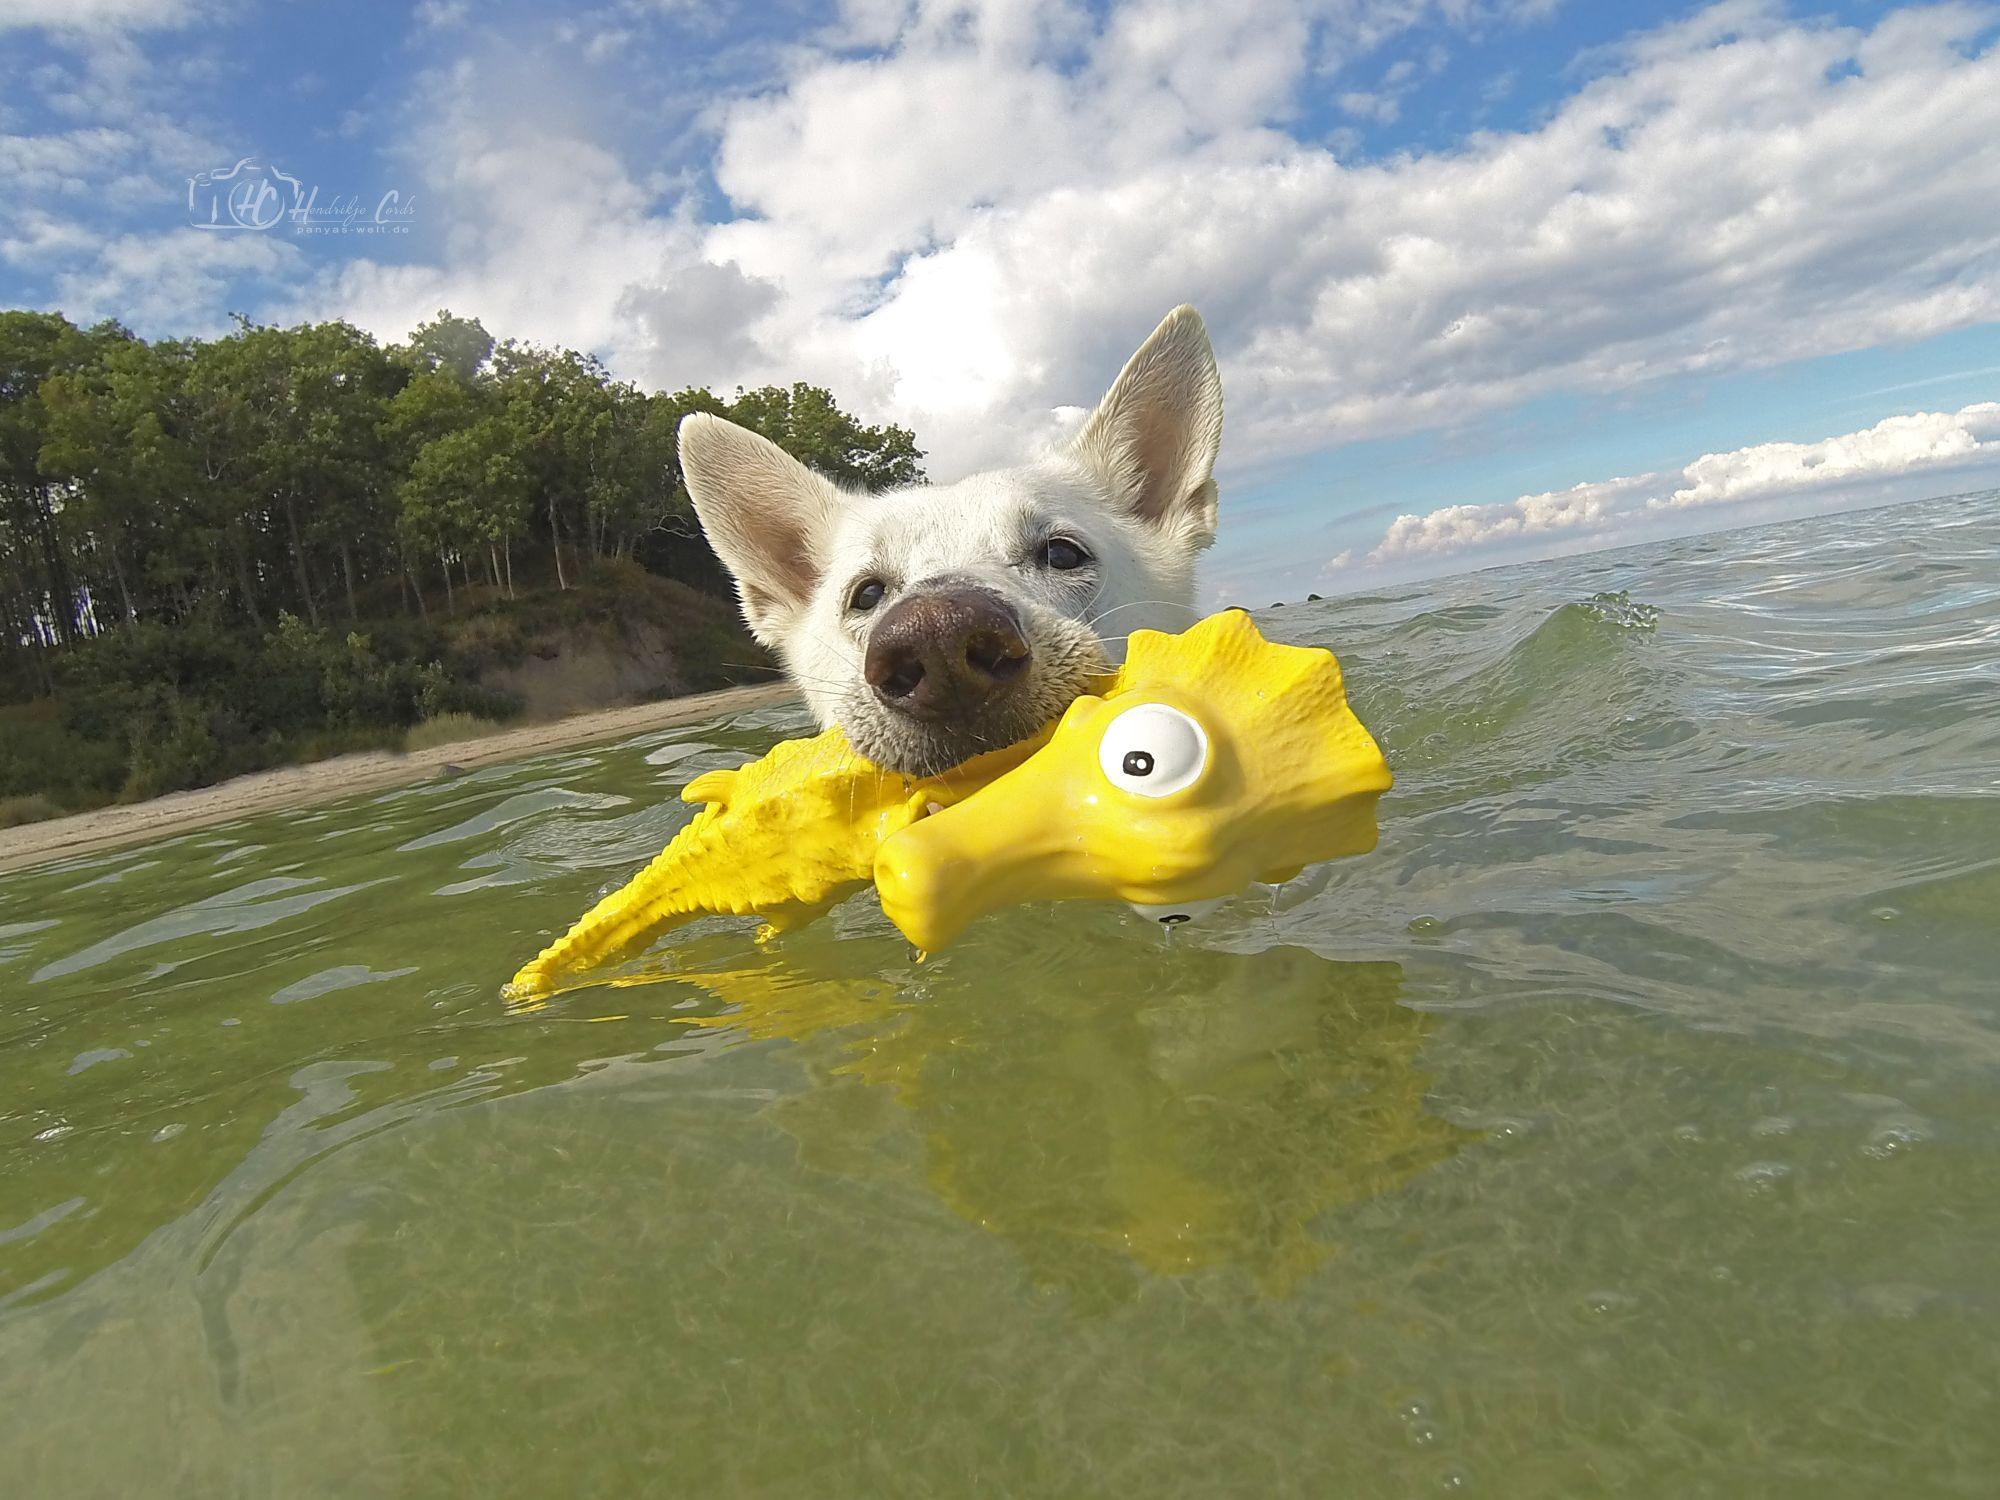 Frauchen, ich rette das Seepferdchen, keine Sorge!